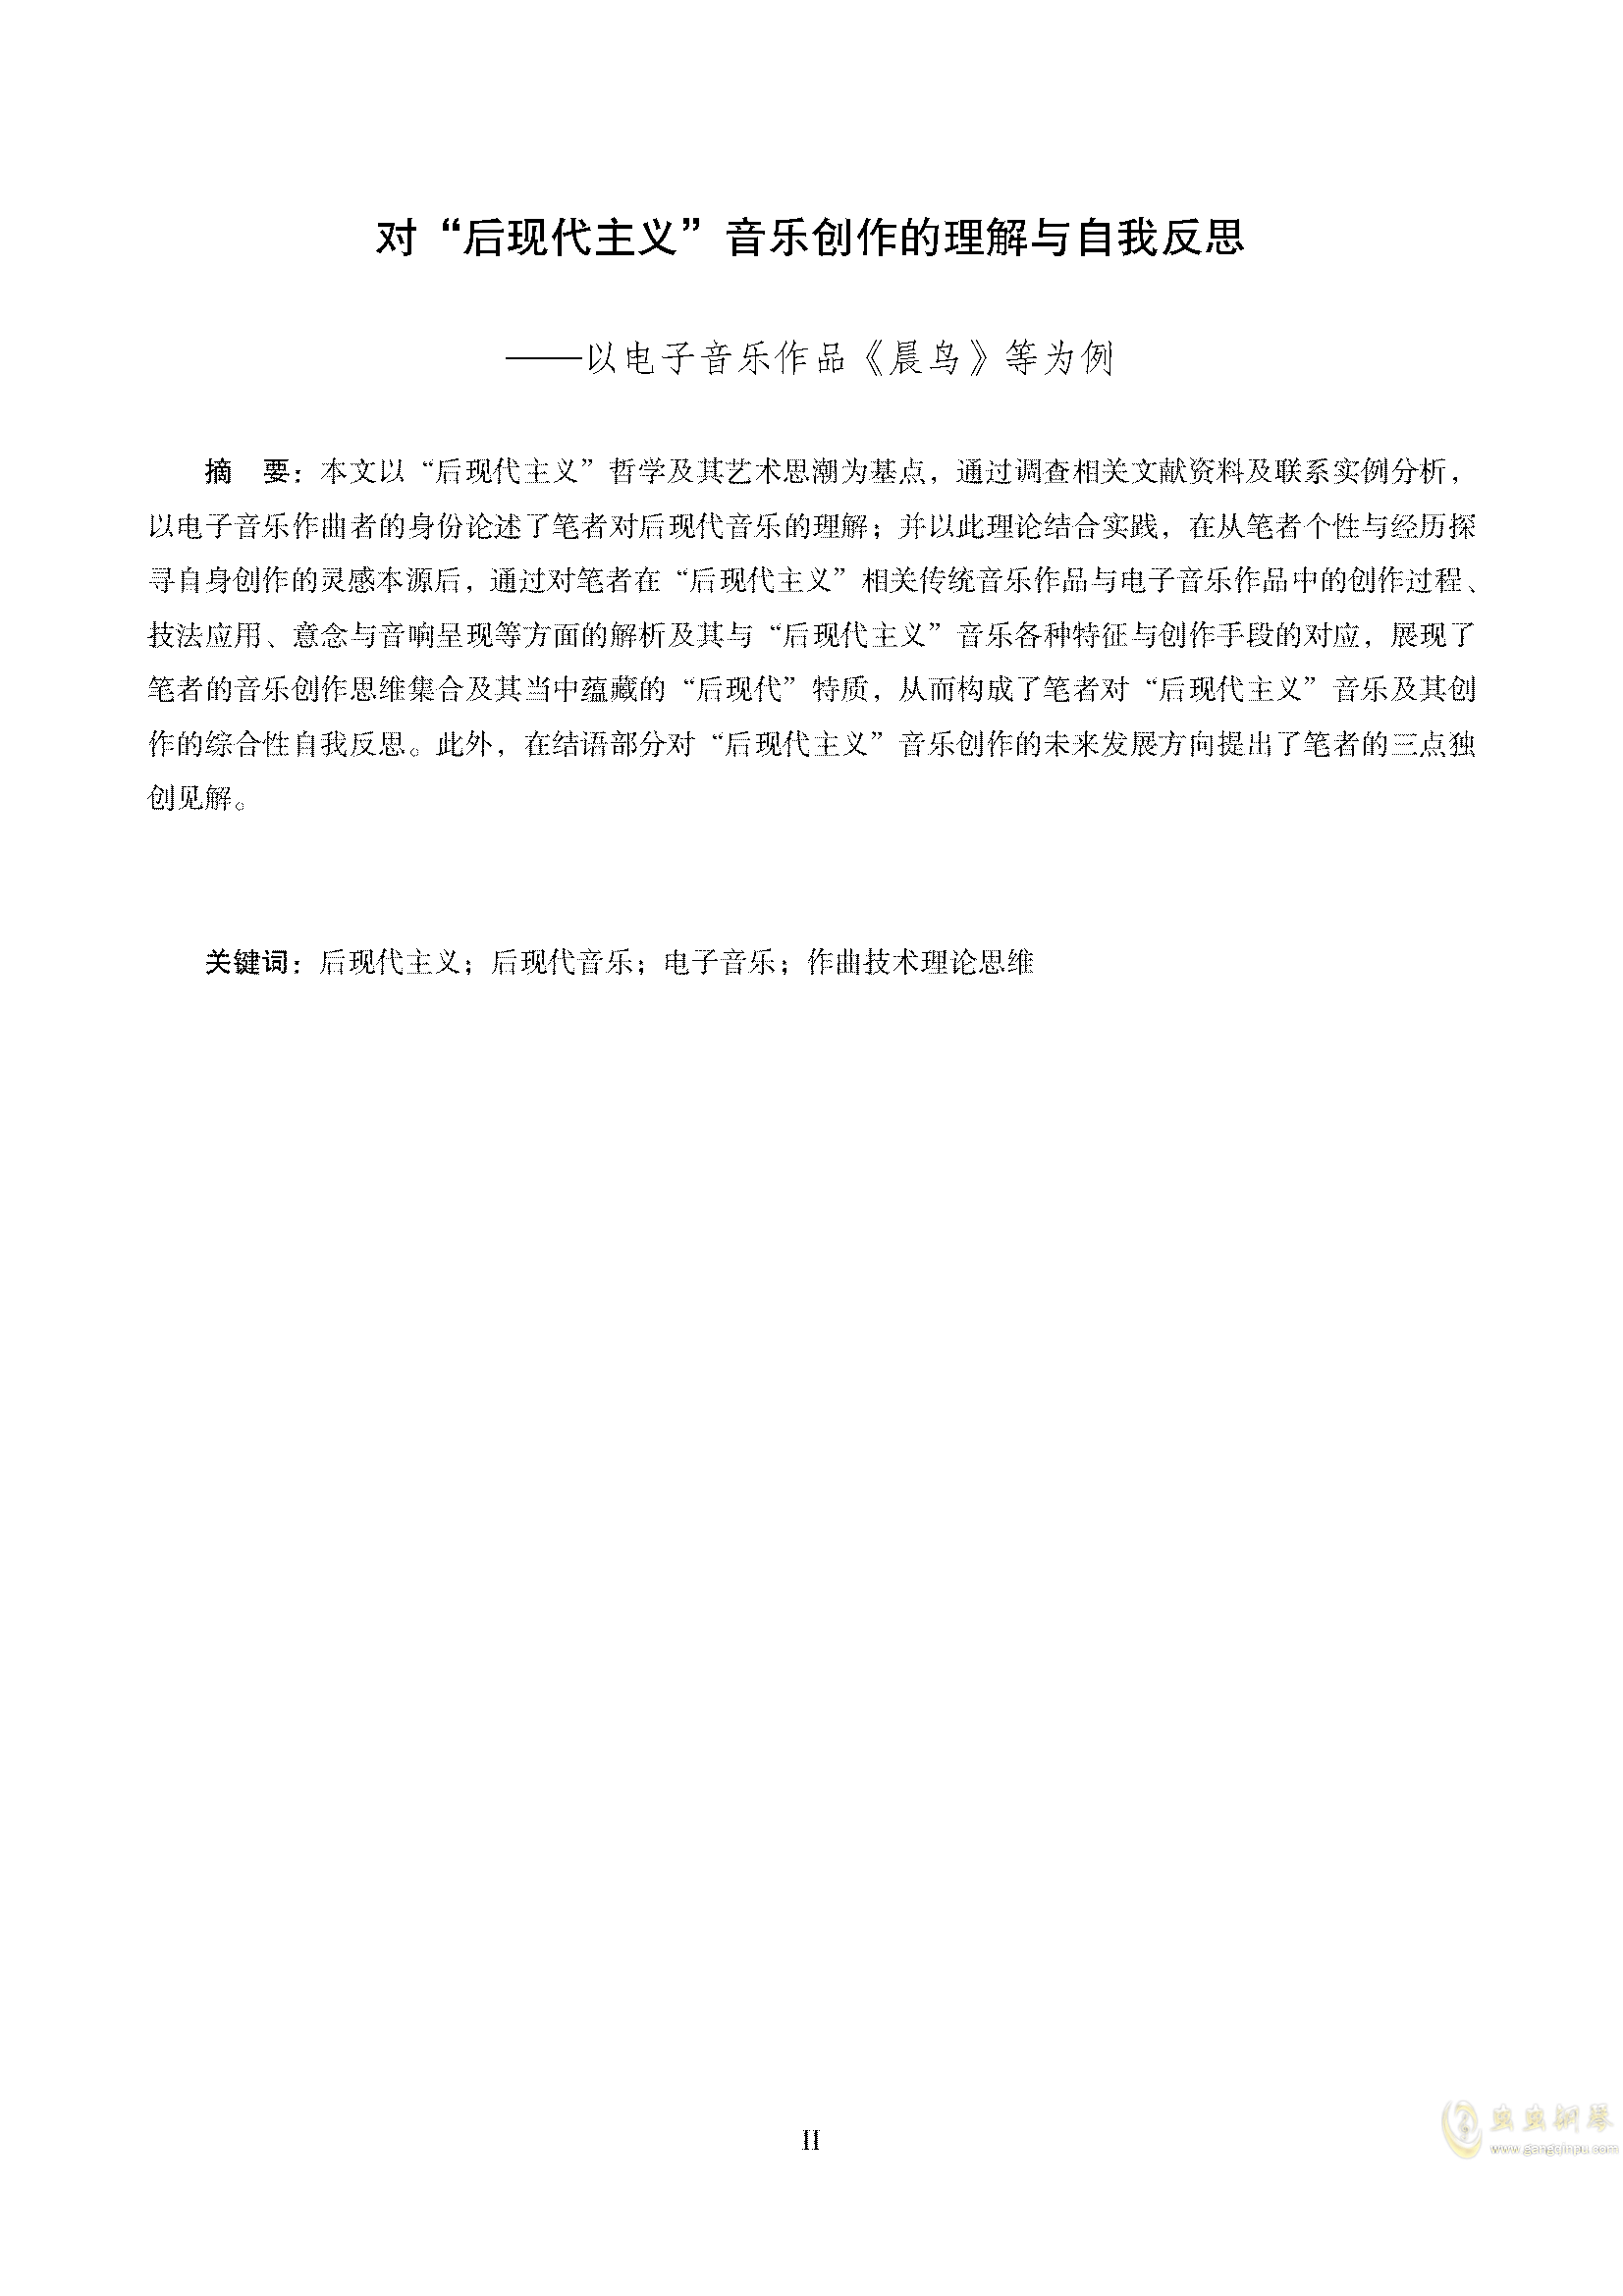 真·硕士论文ag88环亚娱乐谱 第2页